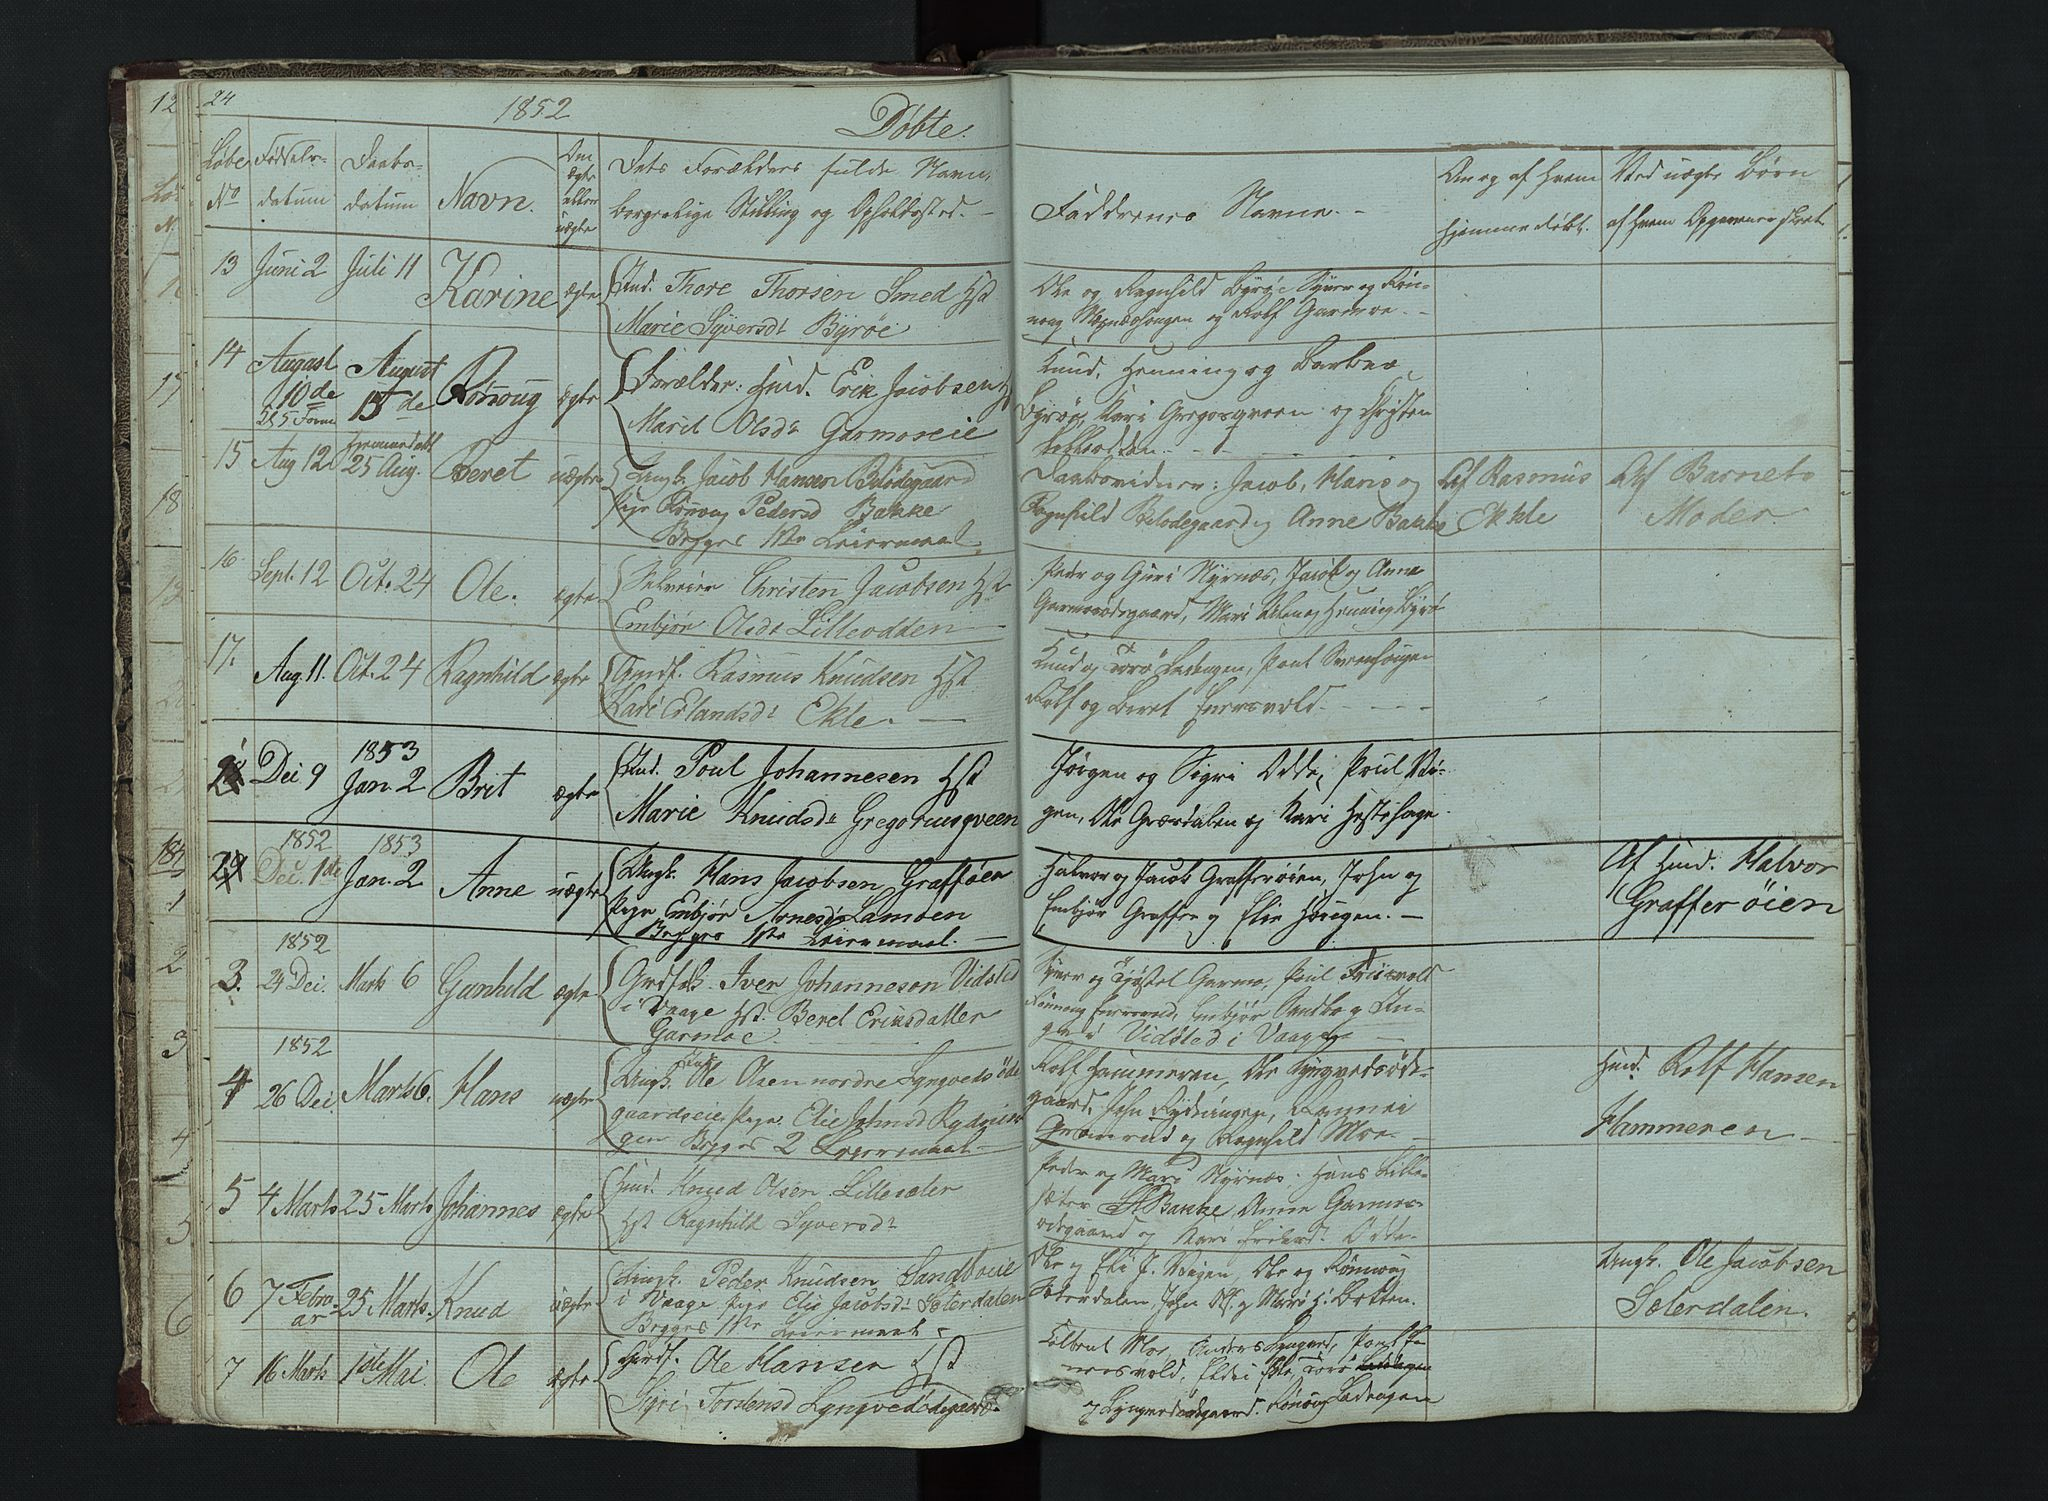 SAH, Lom prestekontor, L/L0014: Klokkerbok nr. 14, 1845-1876, s. 24-25